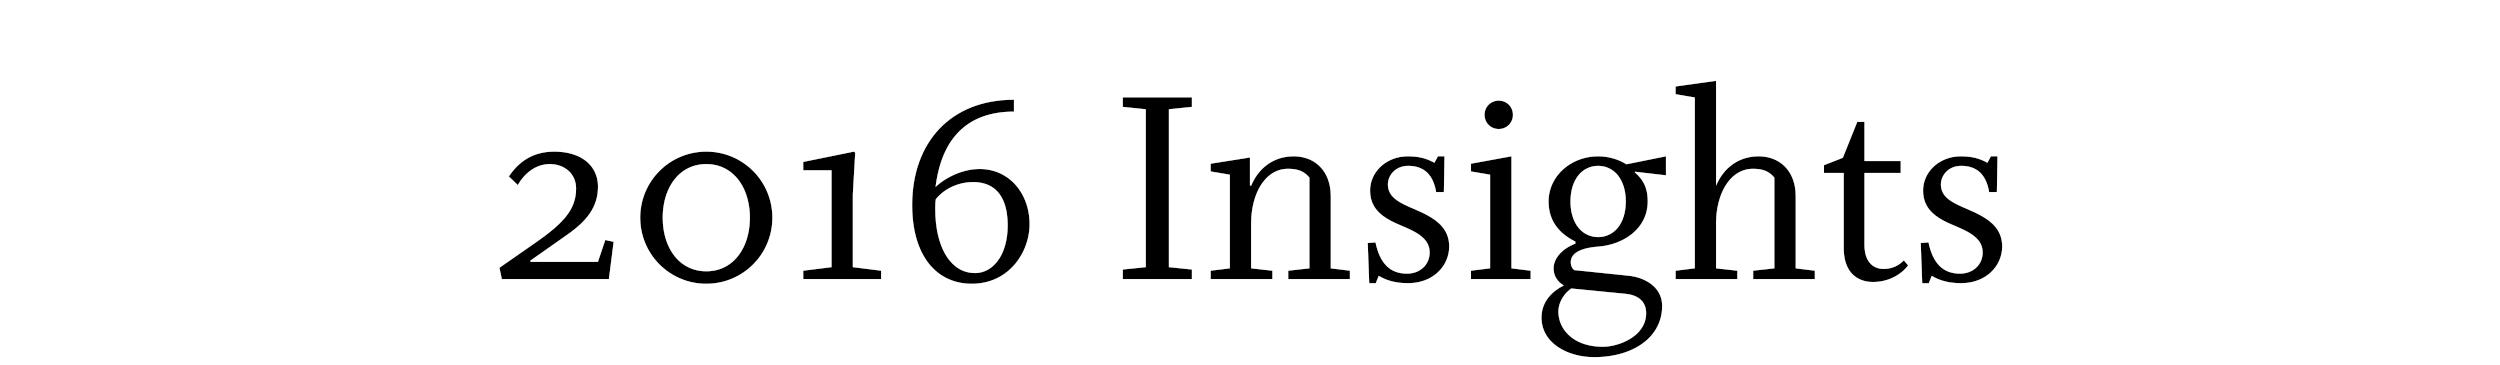 2016insights.jpg